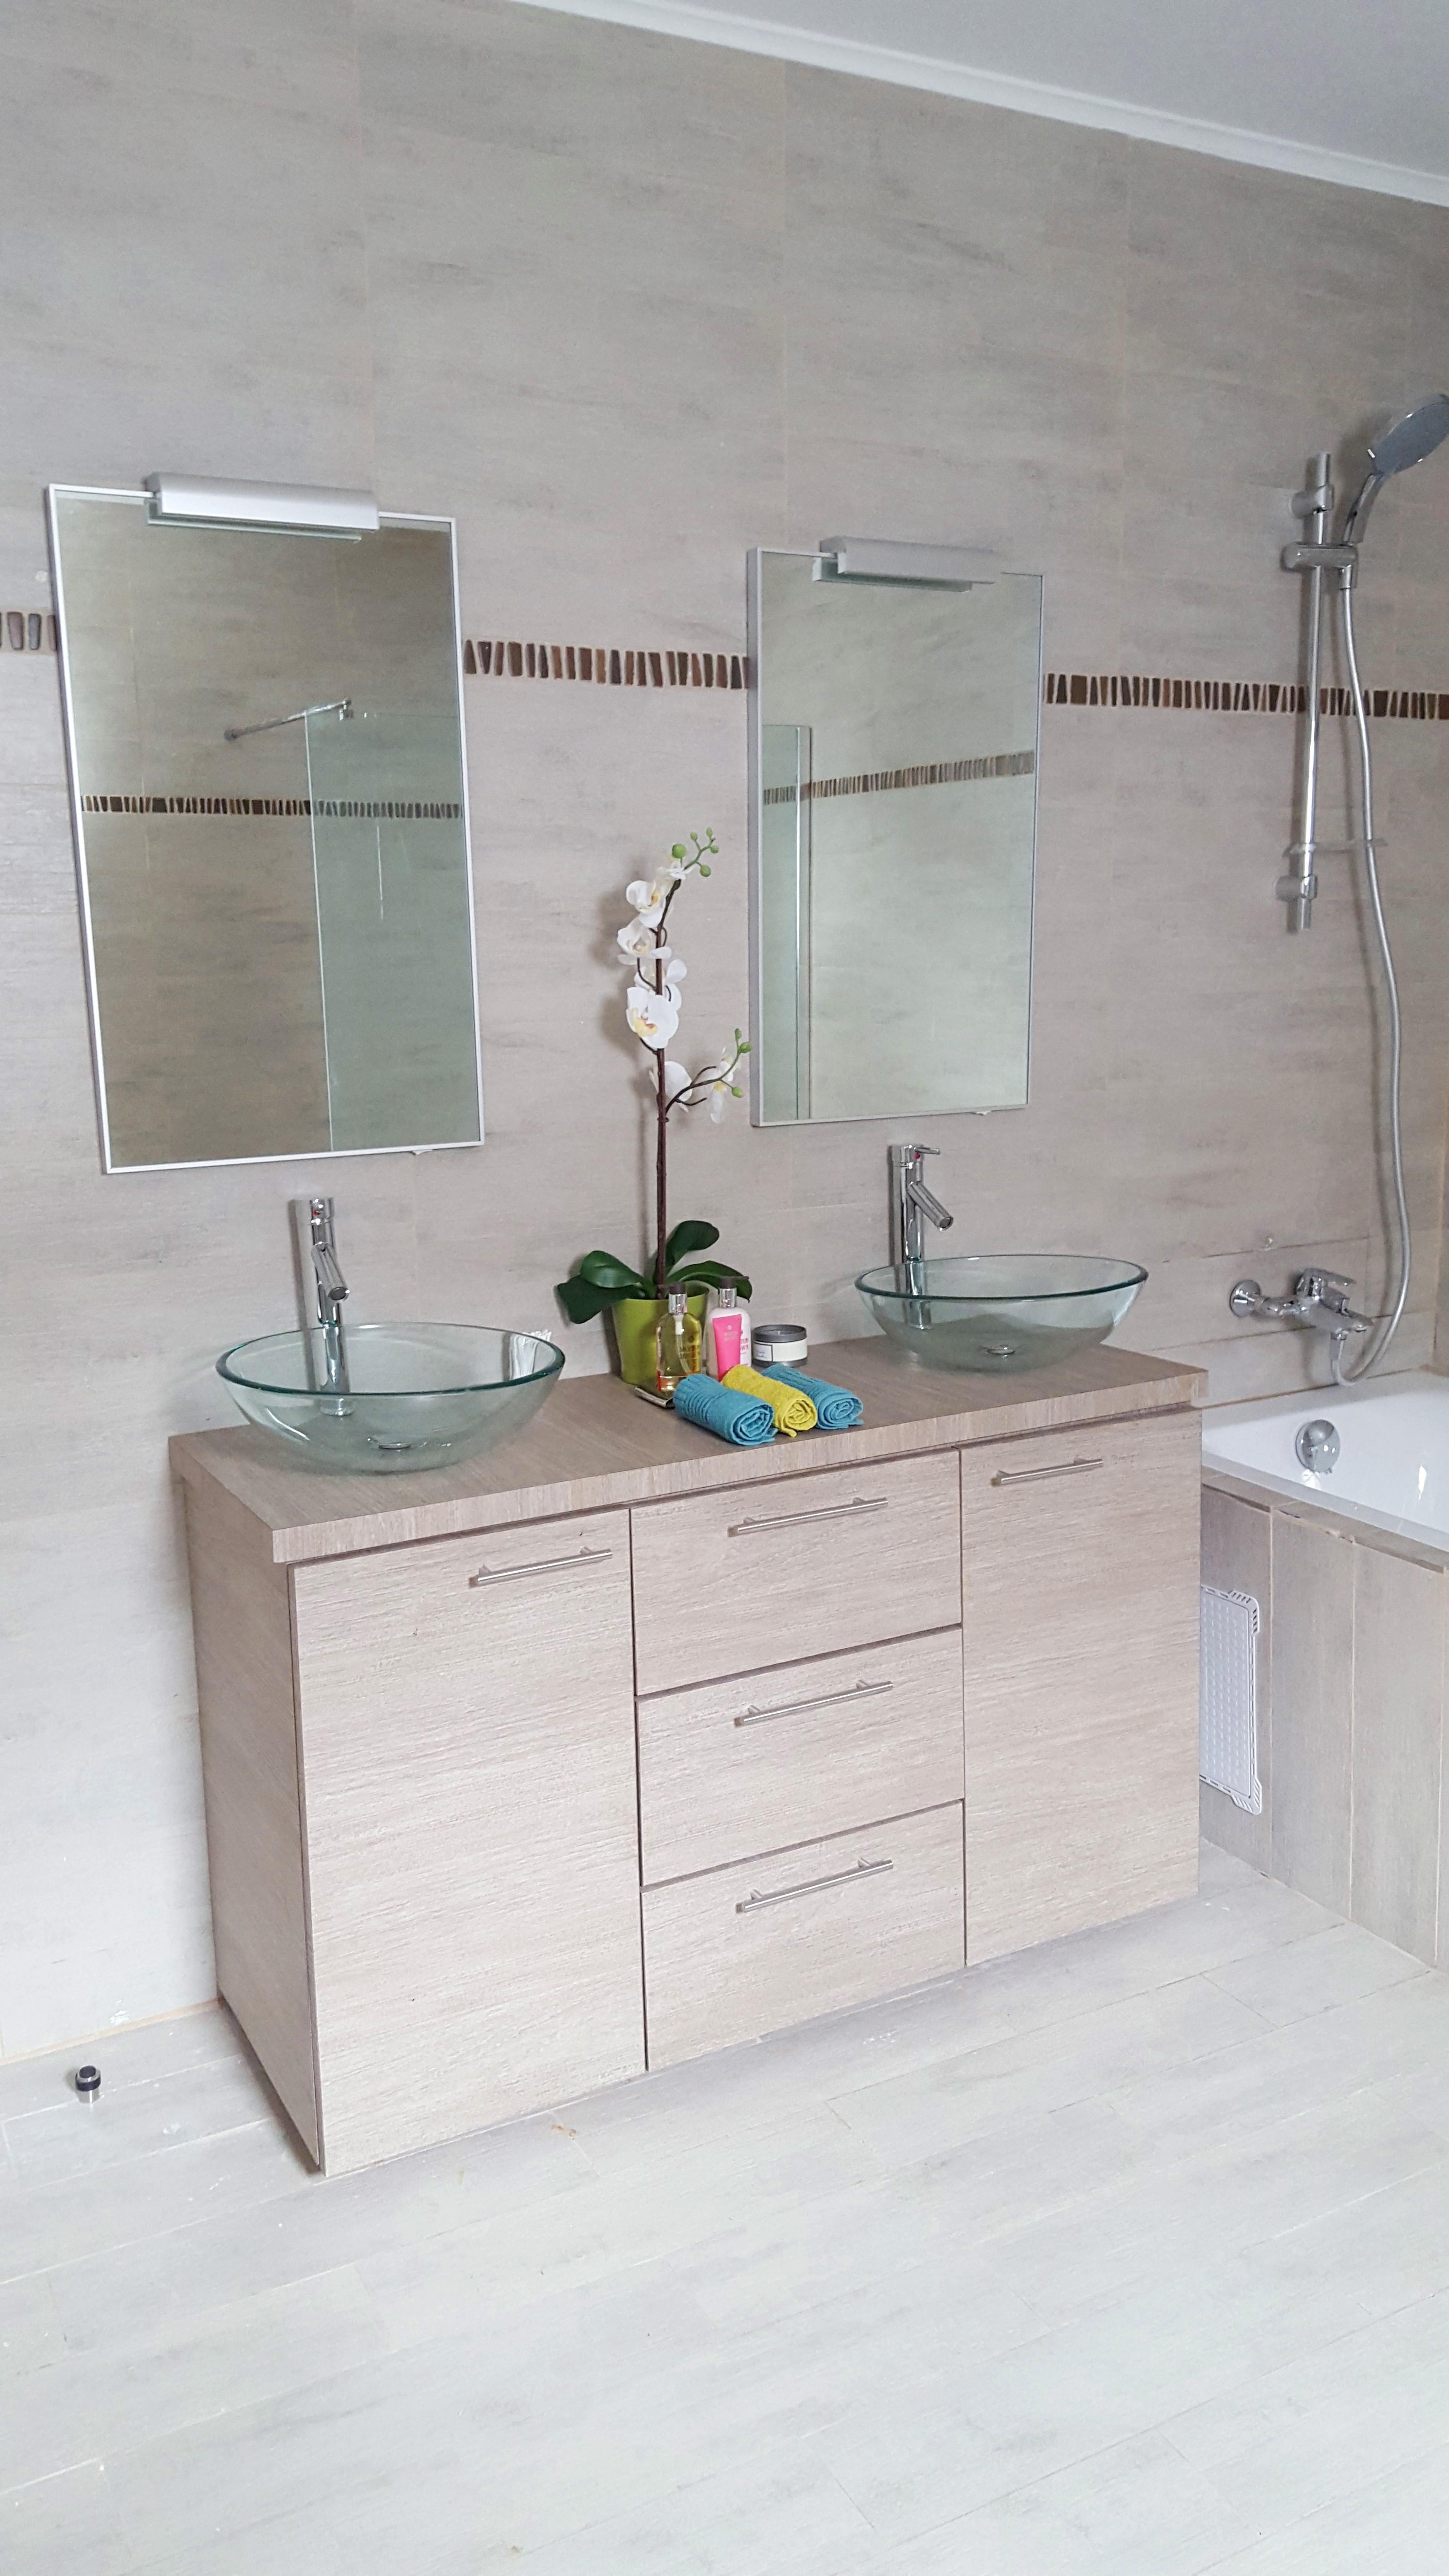 Décoration douche privée par Claudia Walker.